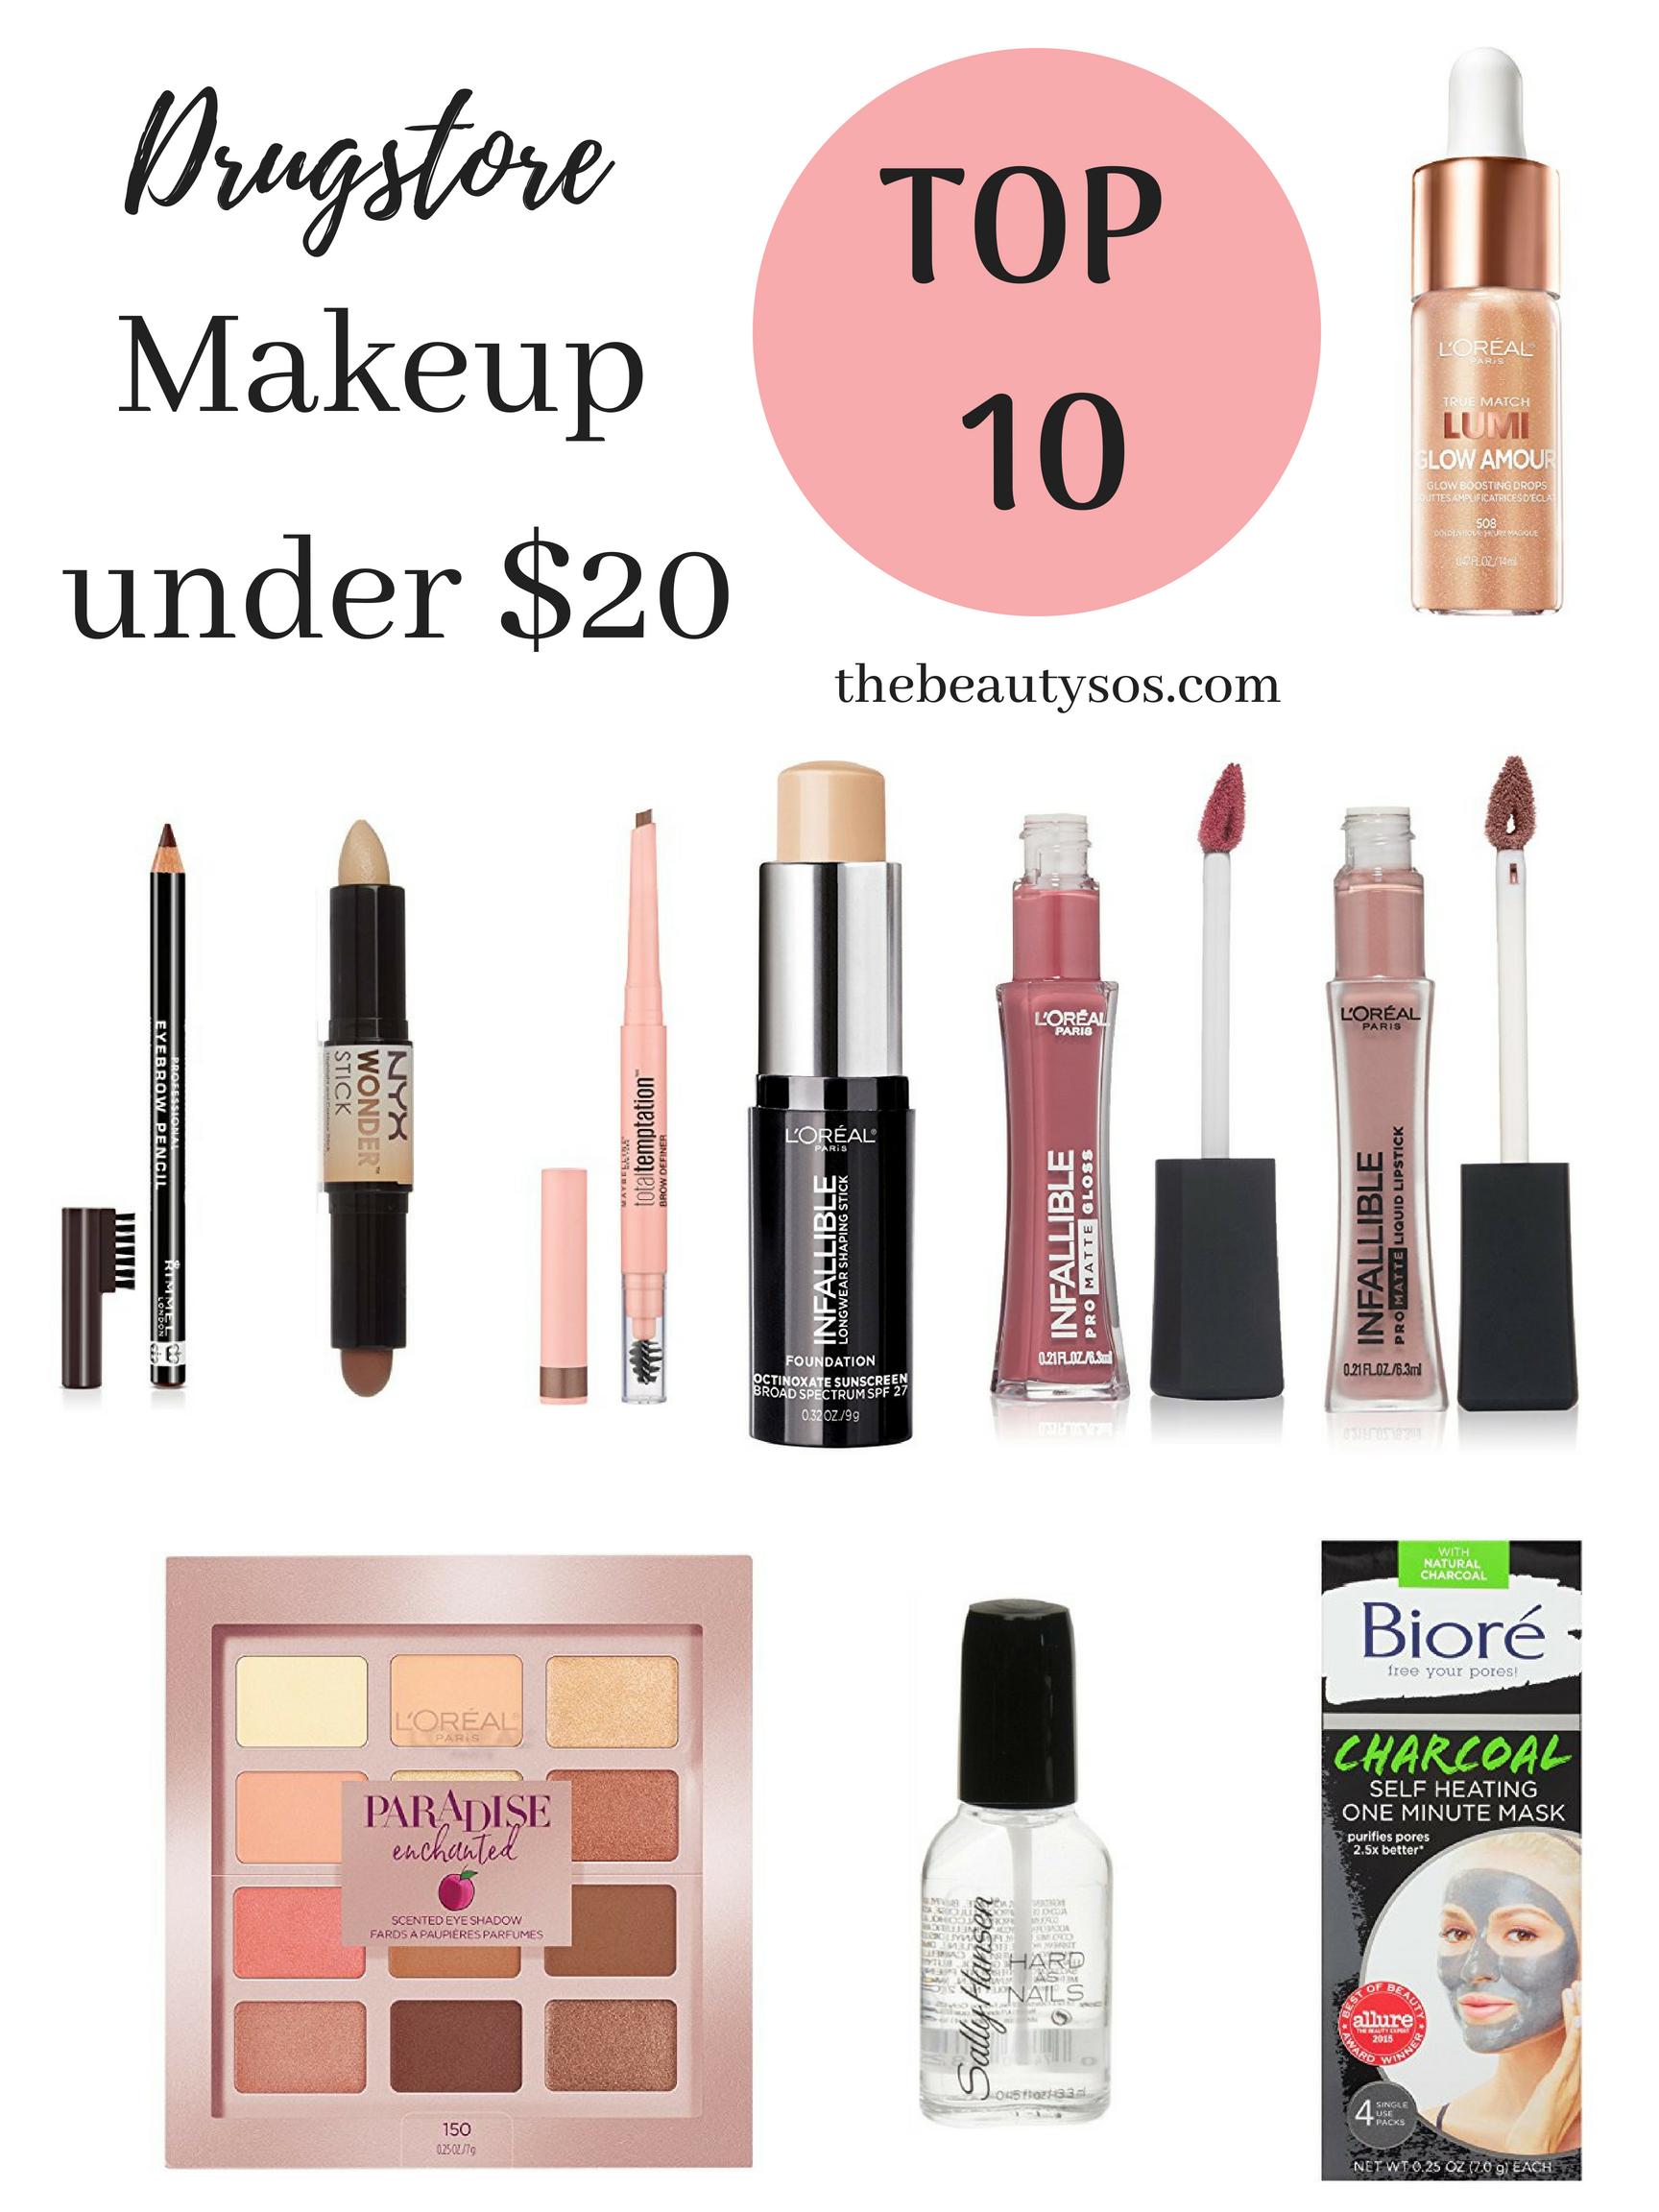 Makeover Essentials Makeup Reviews: Makeup Essentials Brand Review